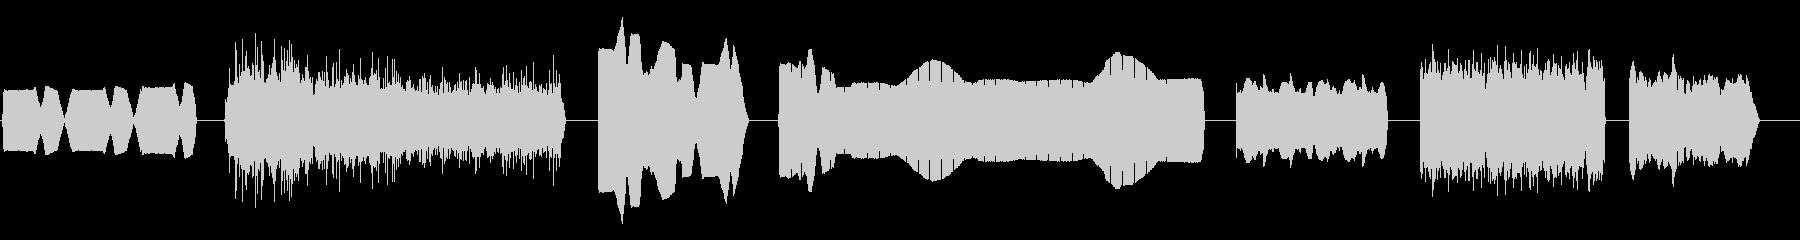 Rumbles、Low:別の低音の...の未再生の波形